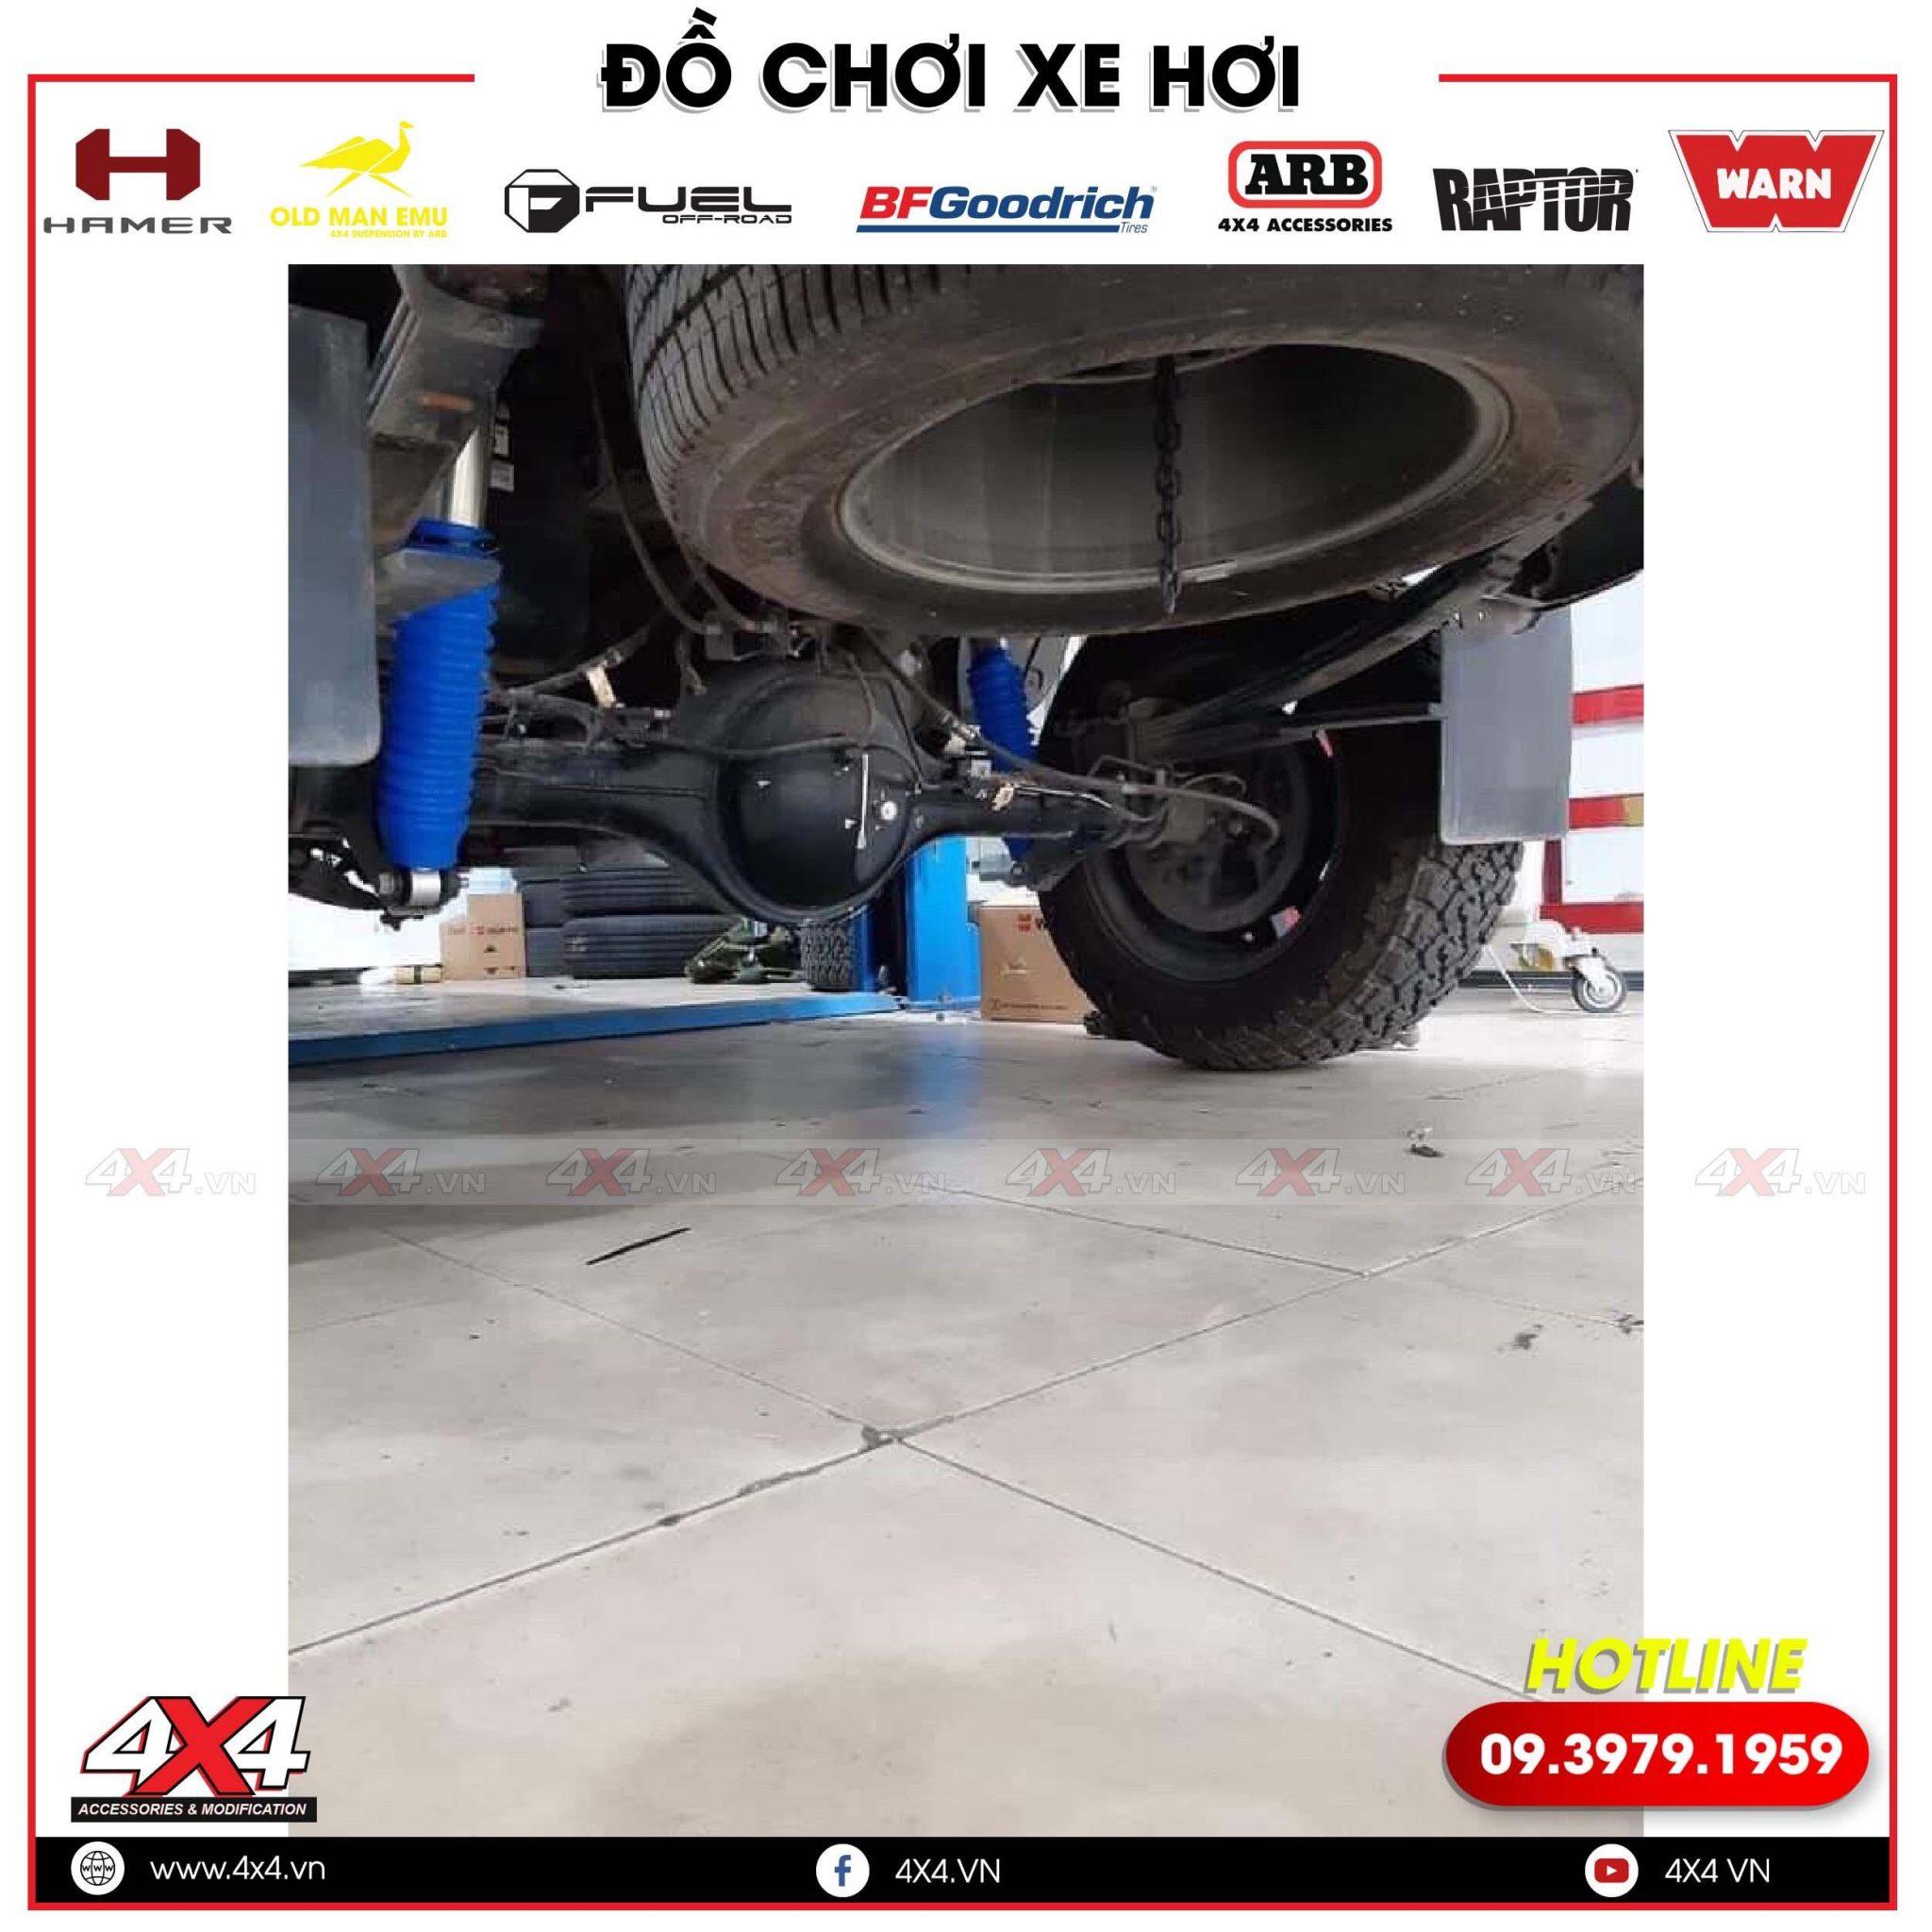 Lắp Phuộc Profender Dành Cho Mazda BT50 Dáng Thể Thao tại Xưởng độ 4x4